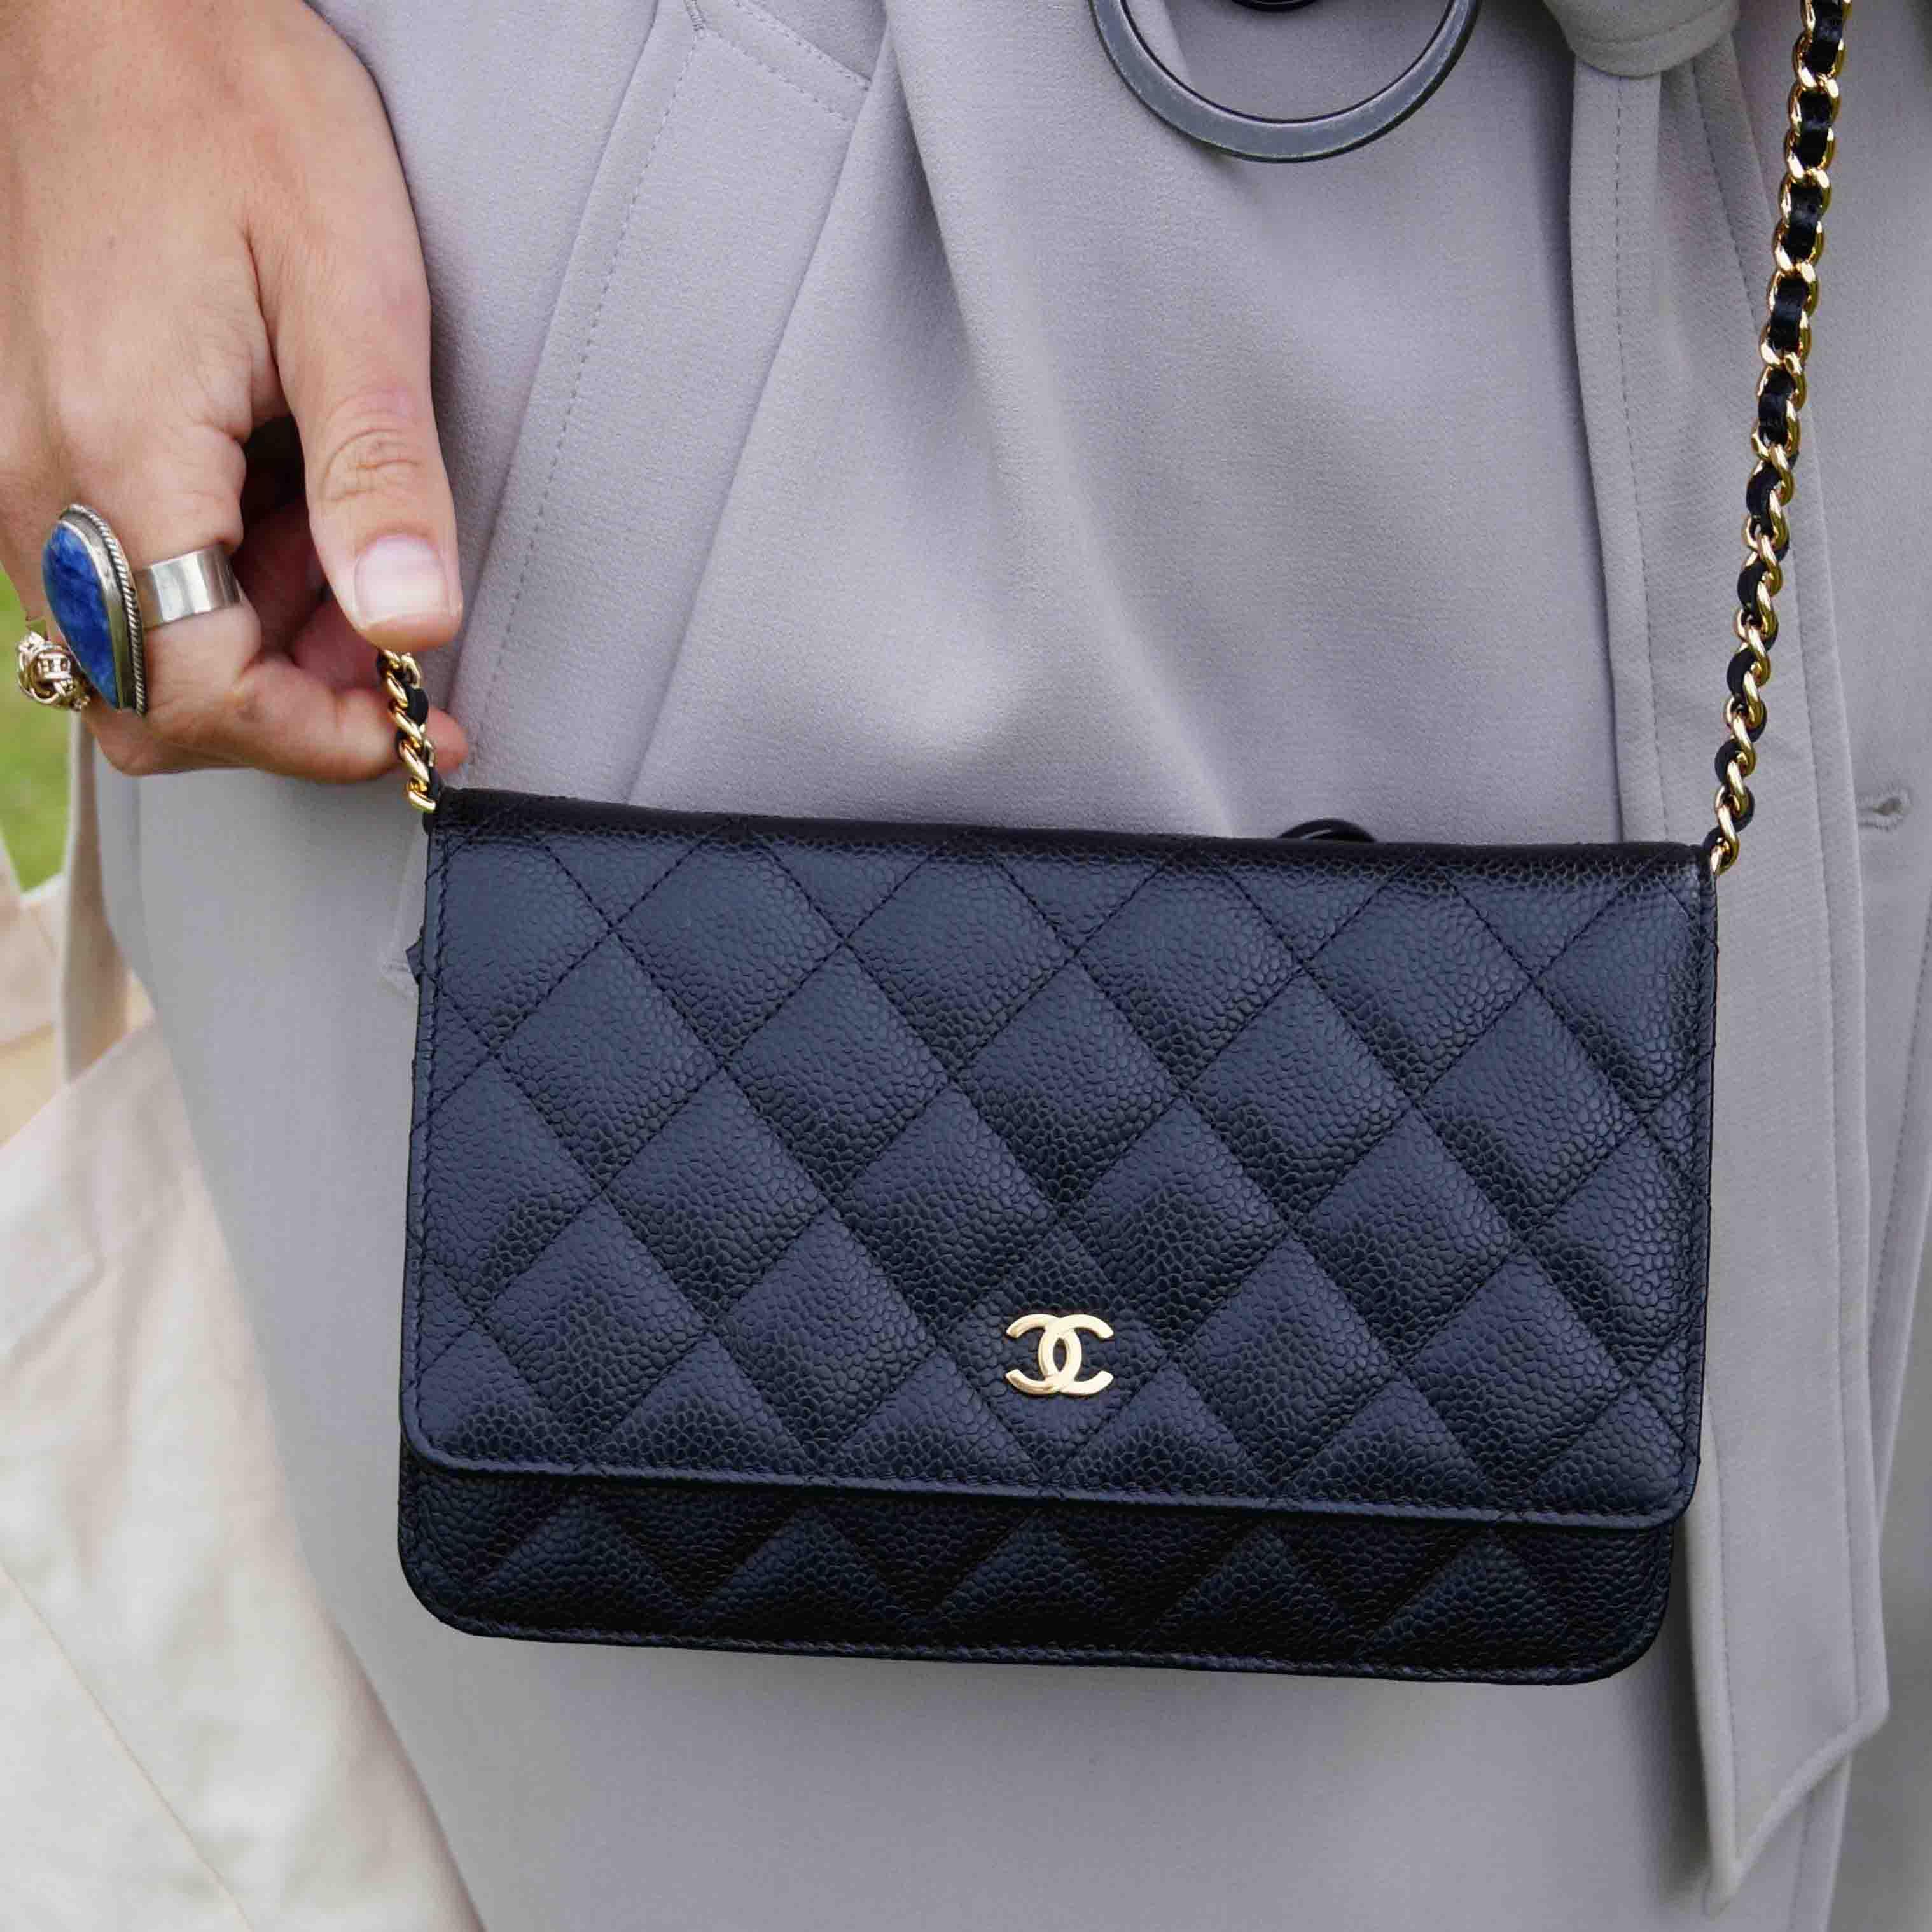 Bag at You - Fashion Blog - Fierce Fashion Festival - Chanel